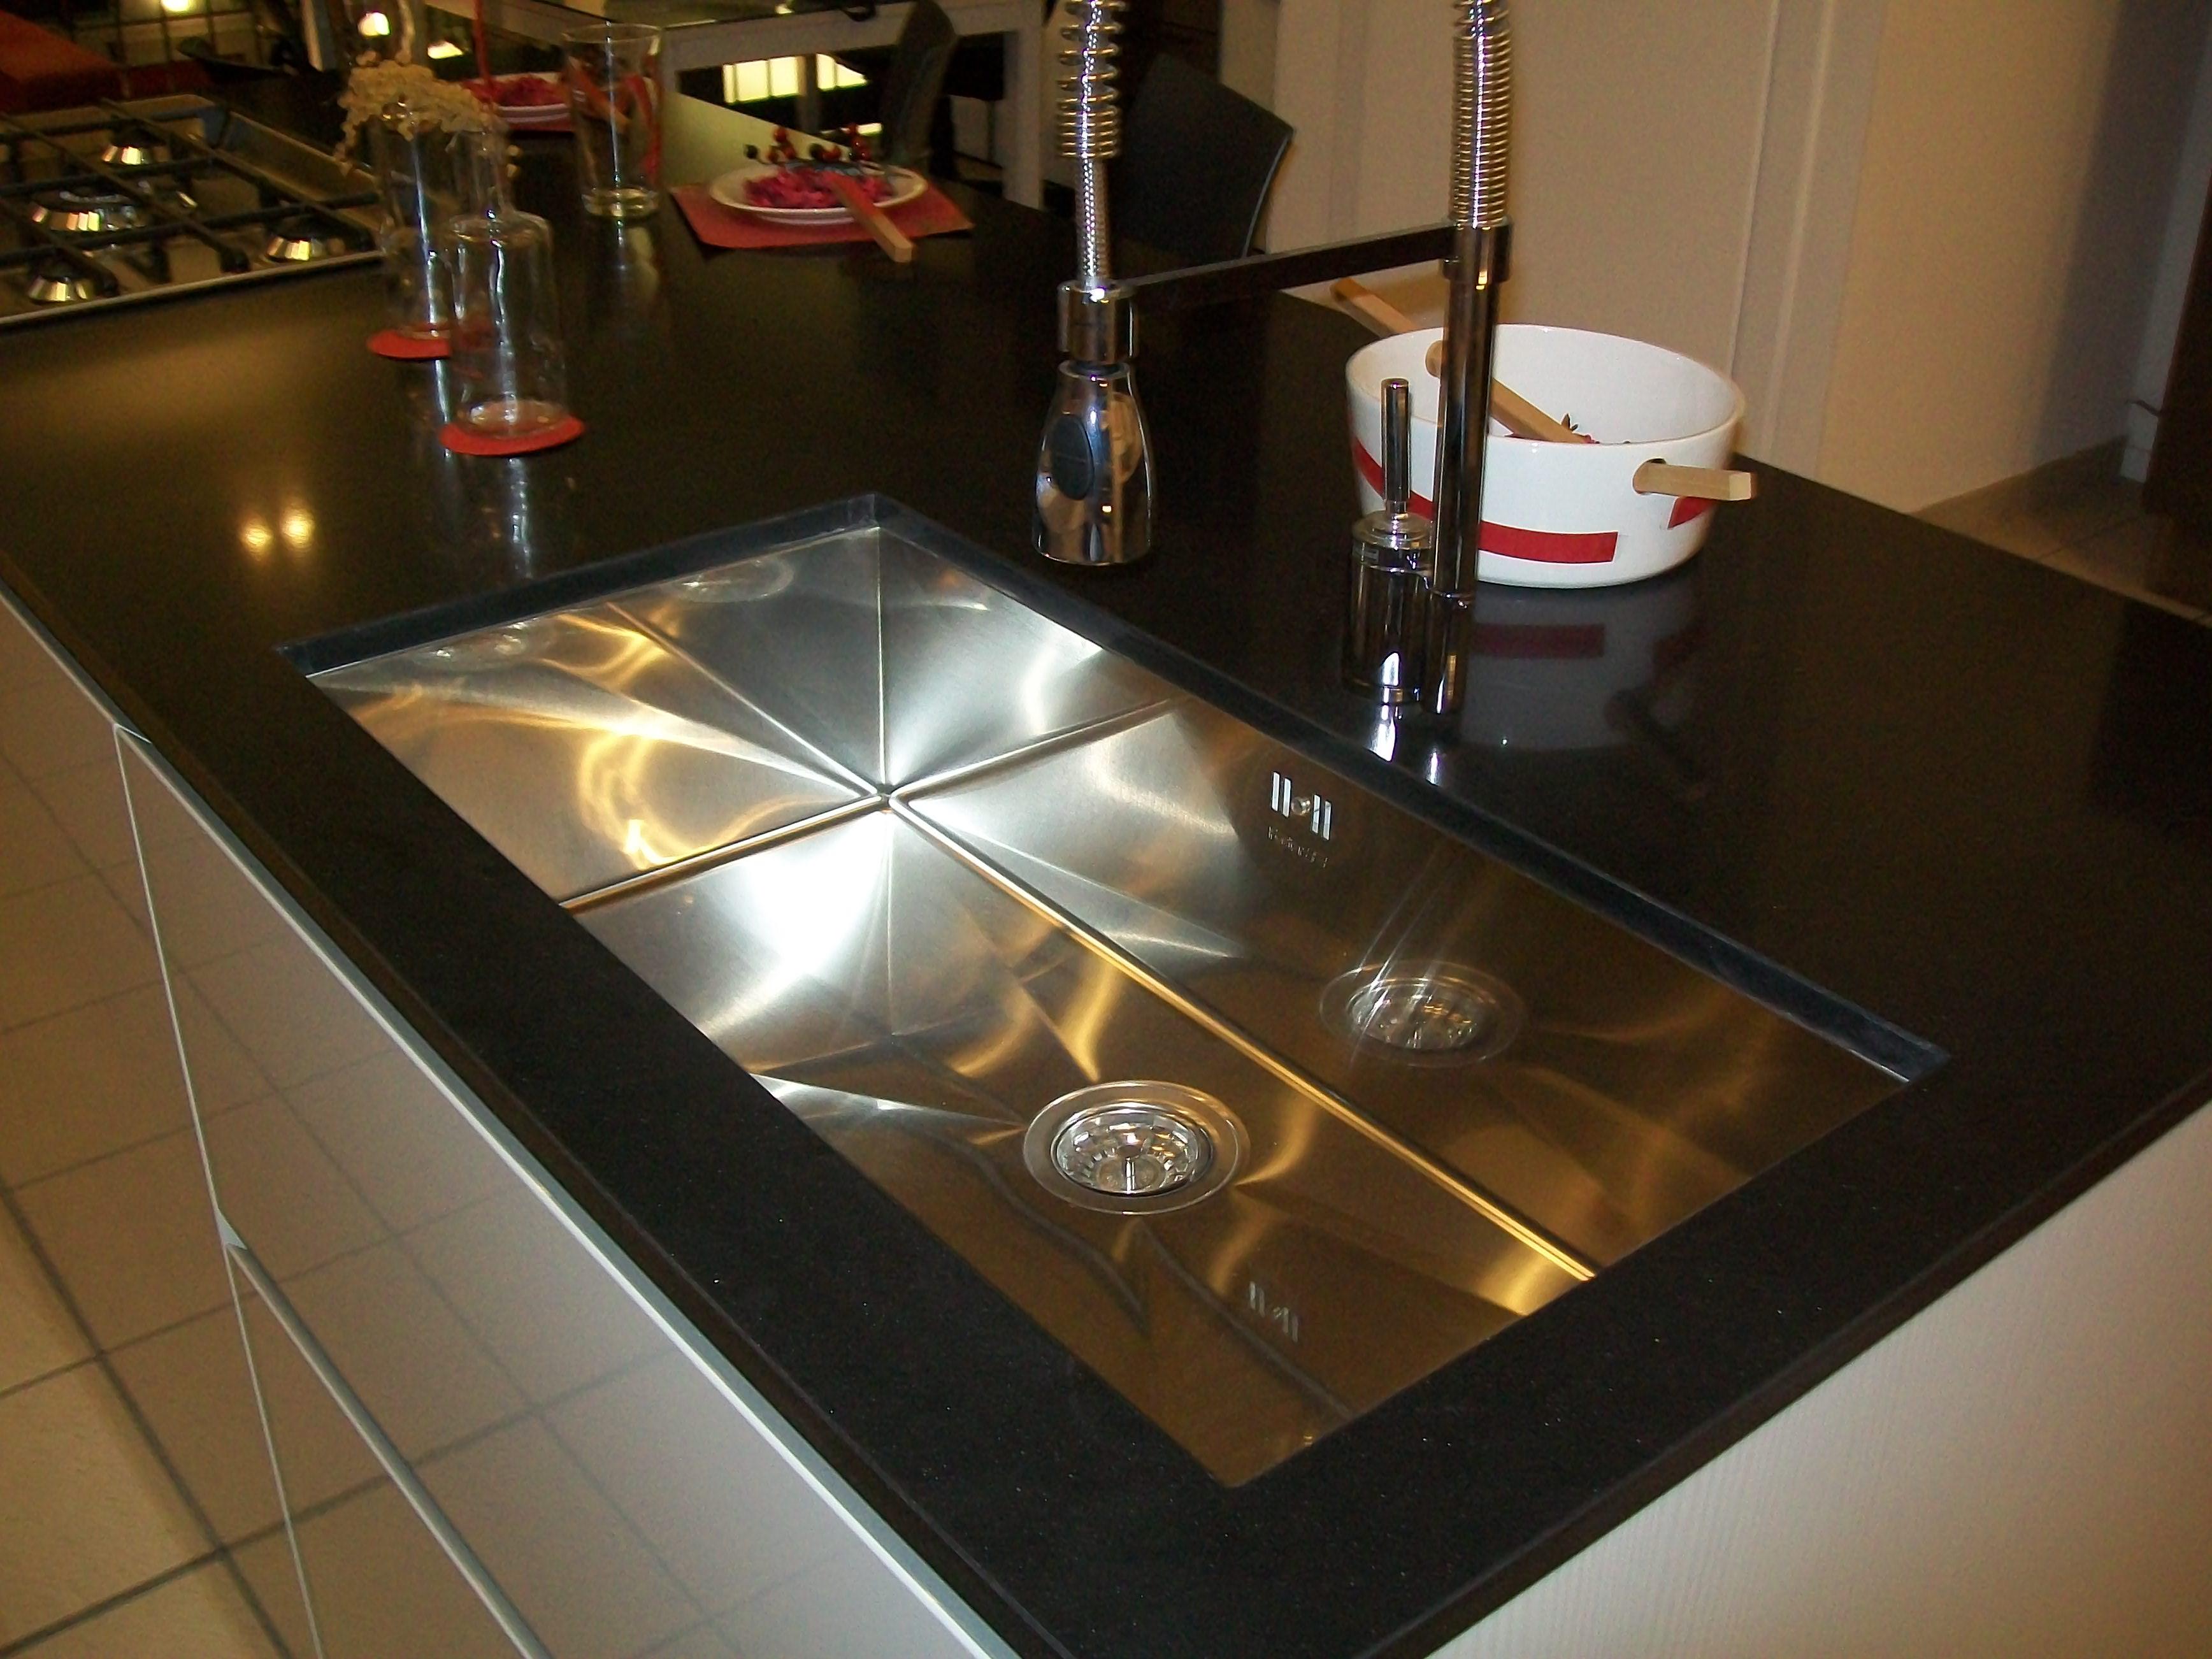 Piano cucina acciaio piano cucina in laminato with piano - Cucine fratelli onofri prezzi ...